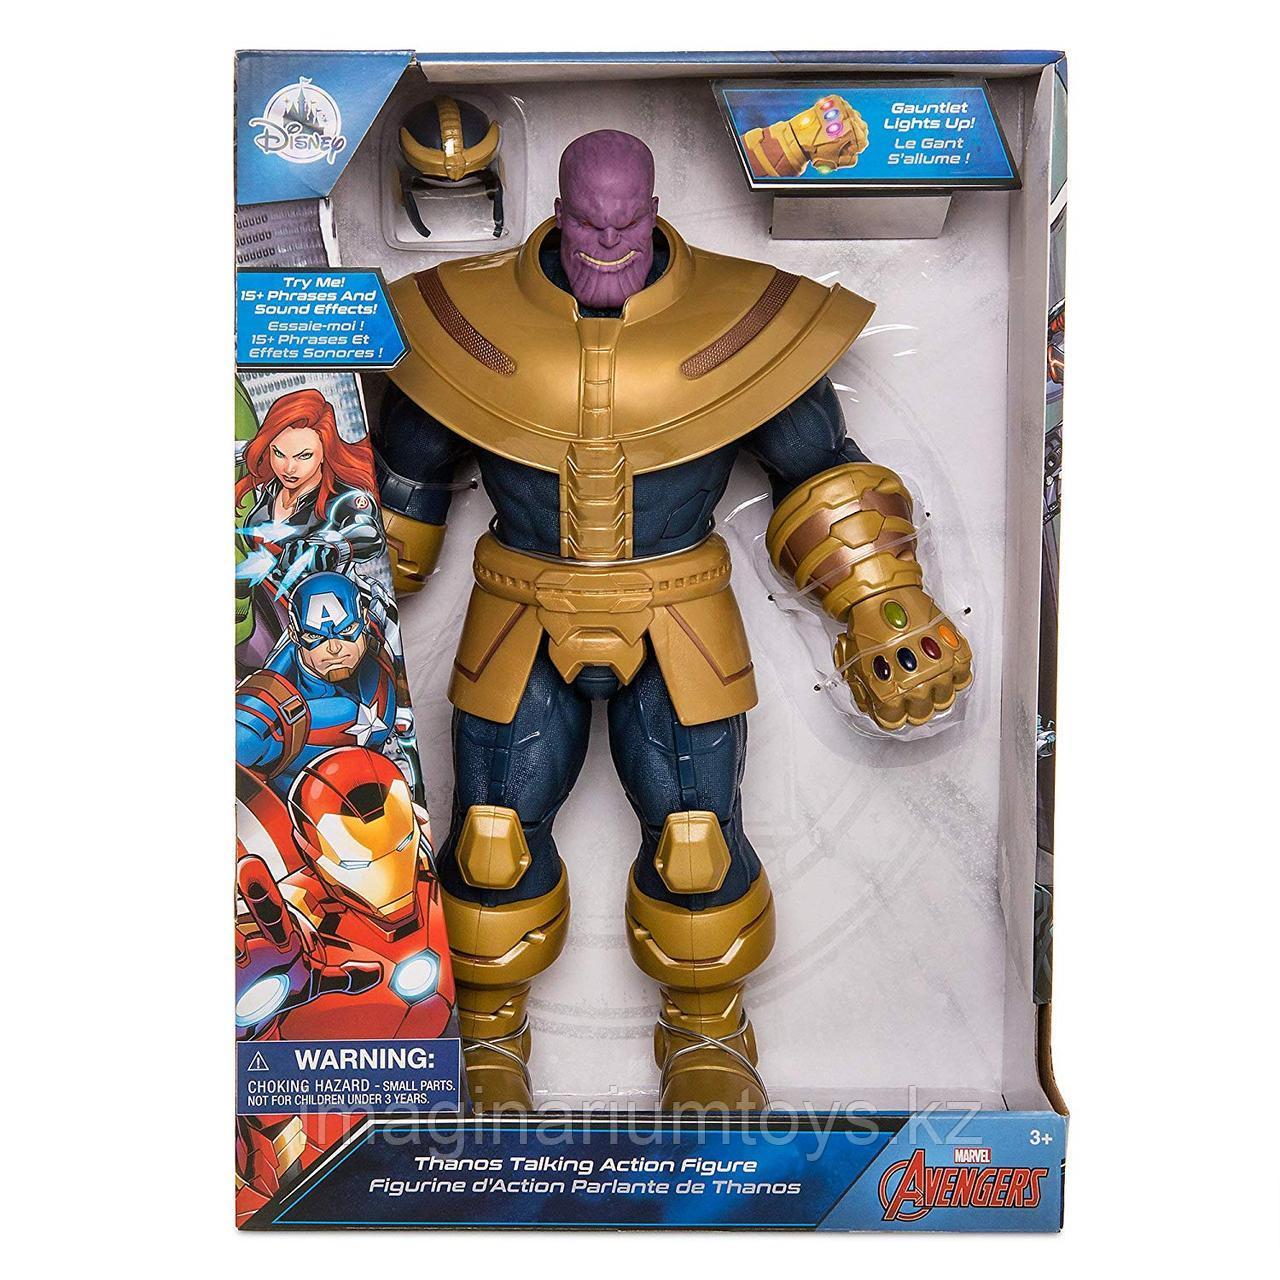 Танос фигурка со звуком и светом 35 см Disney